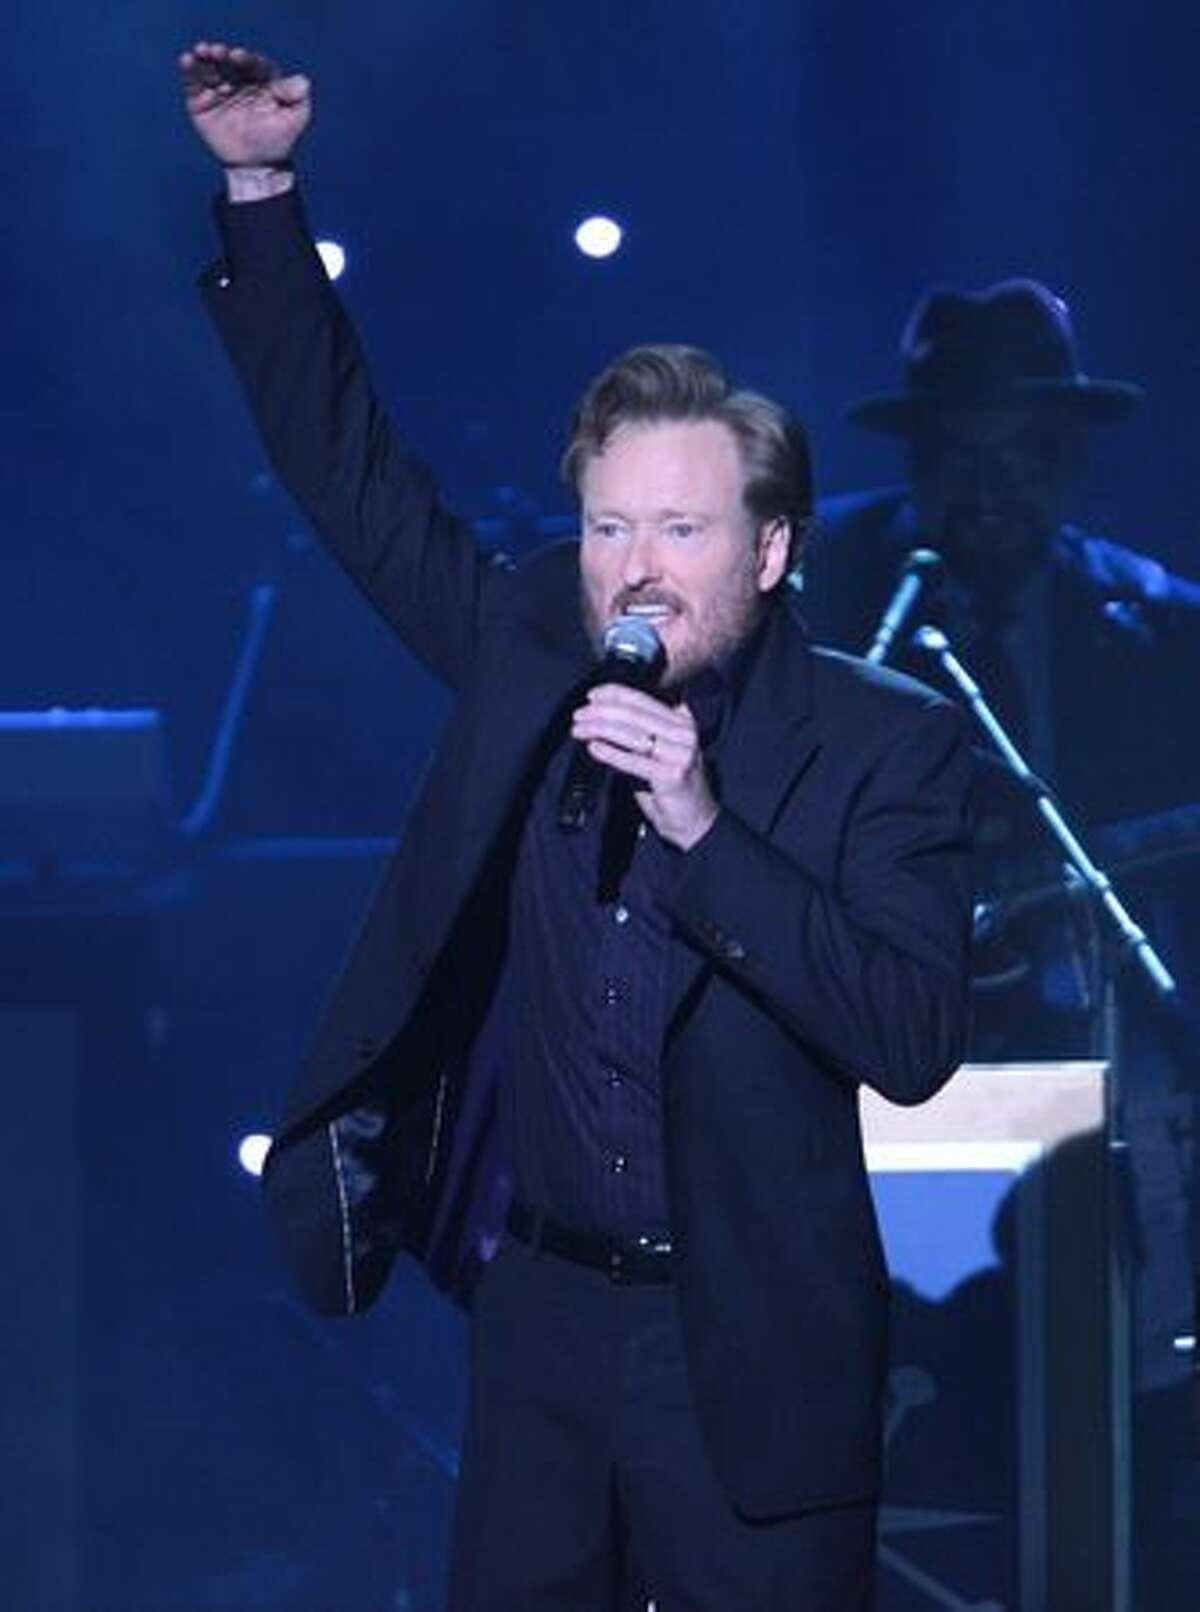 Comedian Conan O'Brien performs.